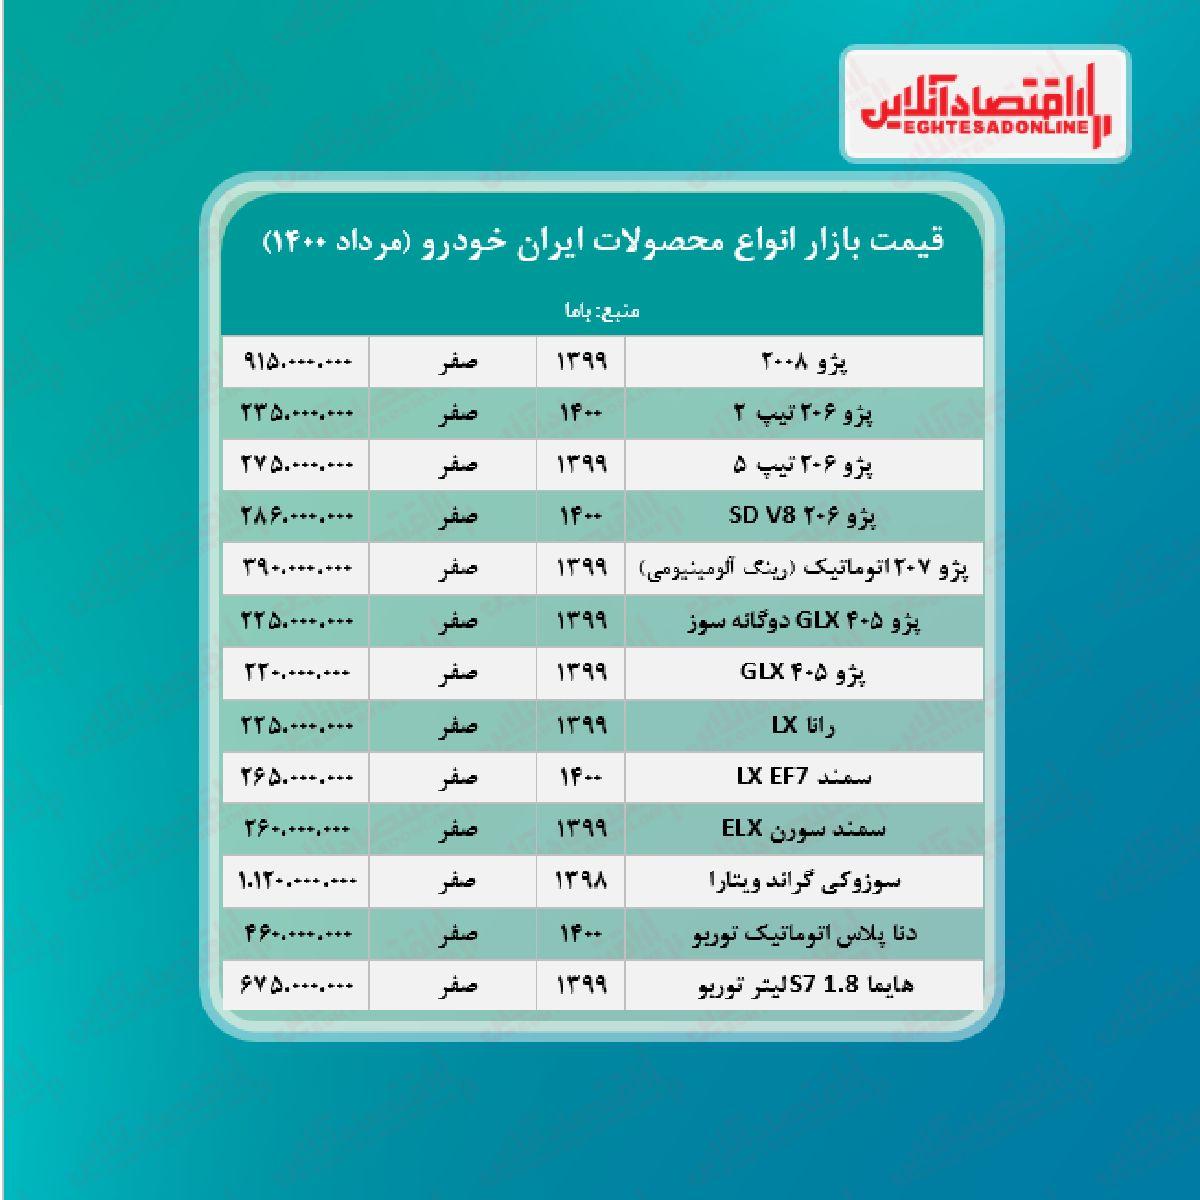 قیمت محصولات ایران خودرو امروز ۱۴۰۰/۵/۱۸